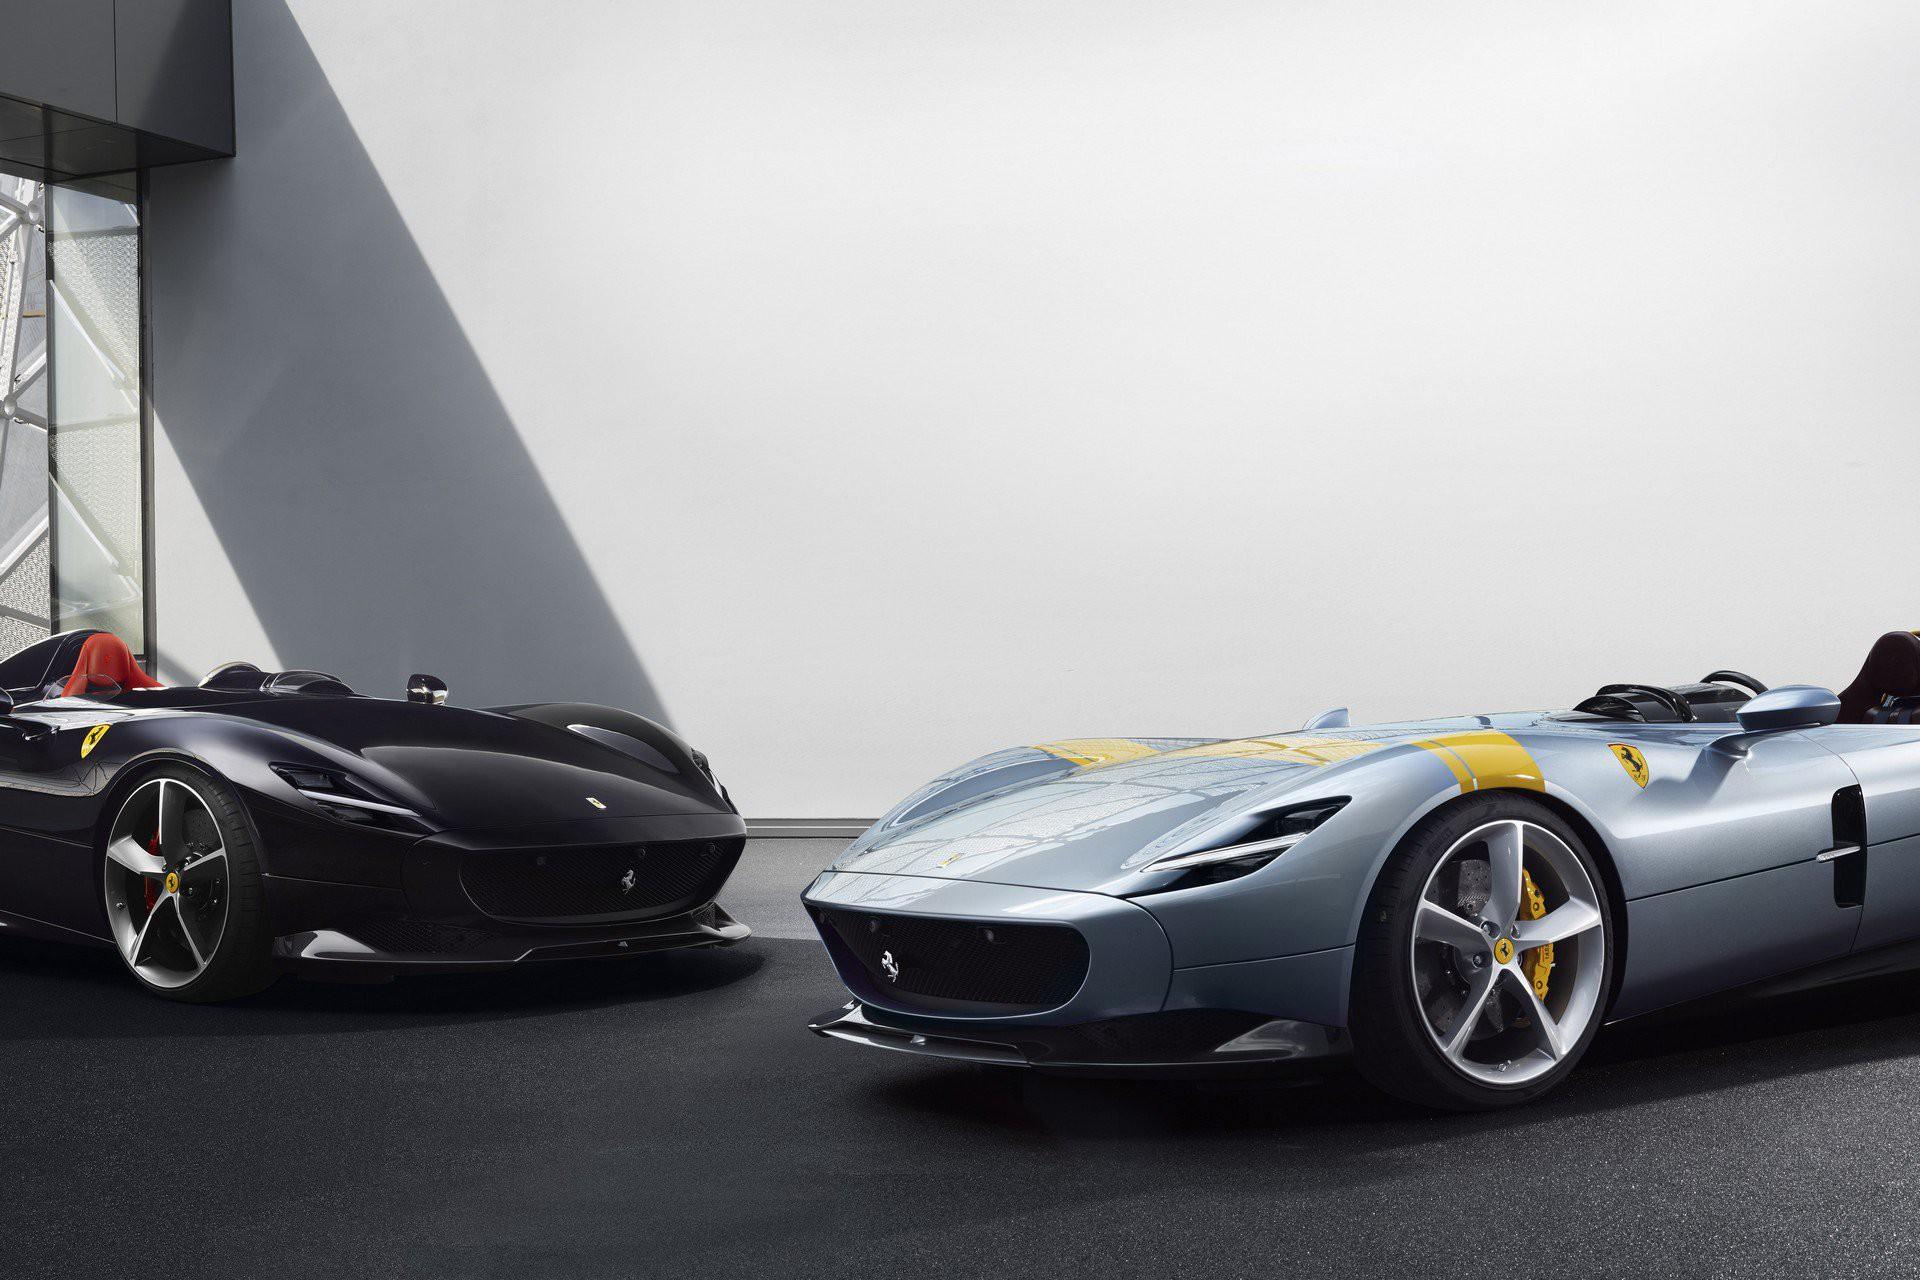 Siêu xe Ferrari mới kế thừa LaFerrari được xác nhận ra mắt ngay năm nay với hộp số hoài cổ - Ảnh 3.